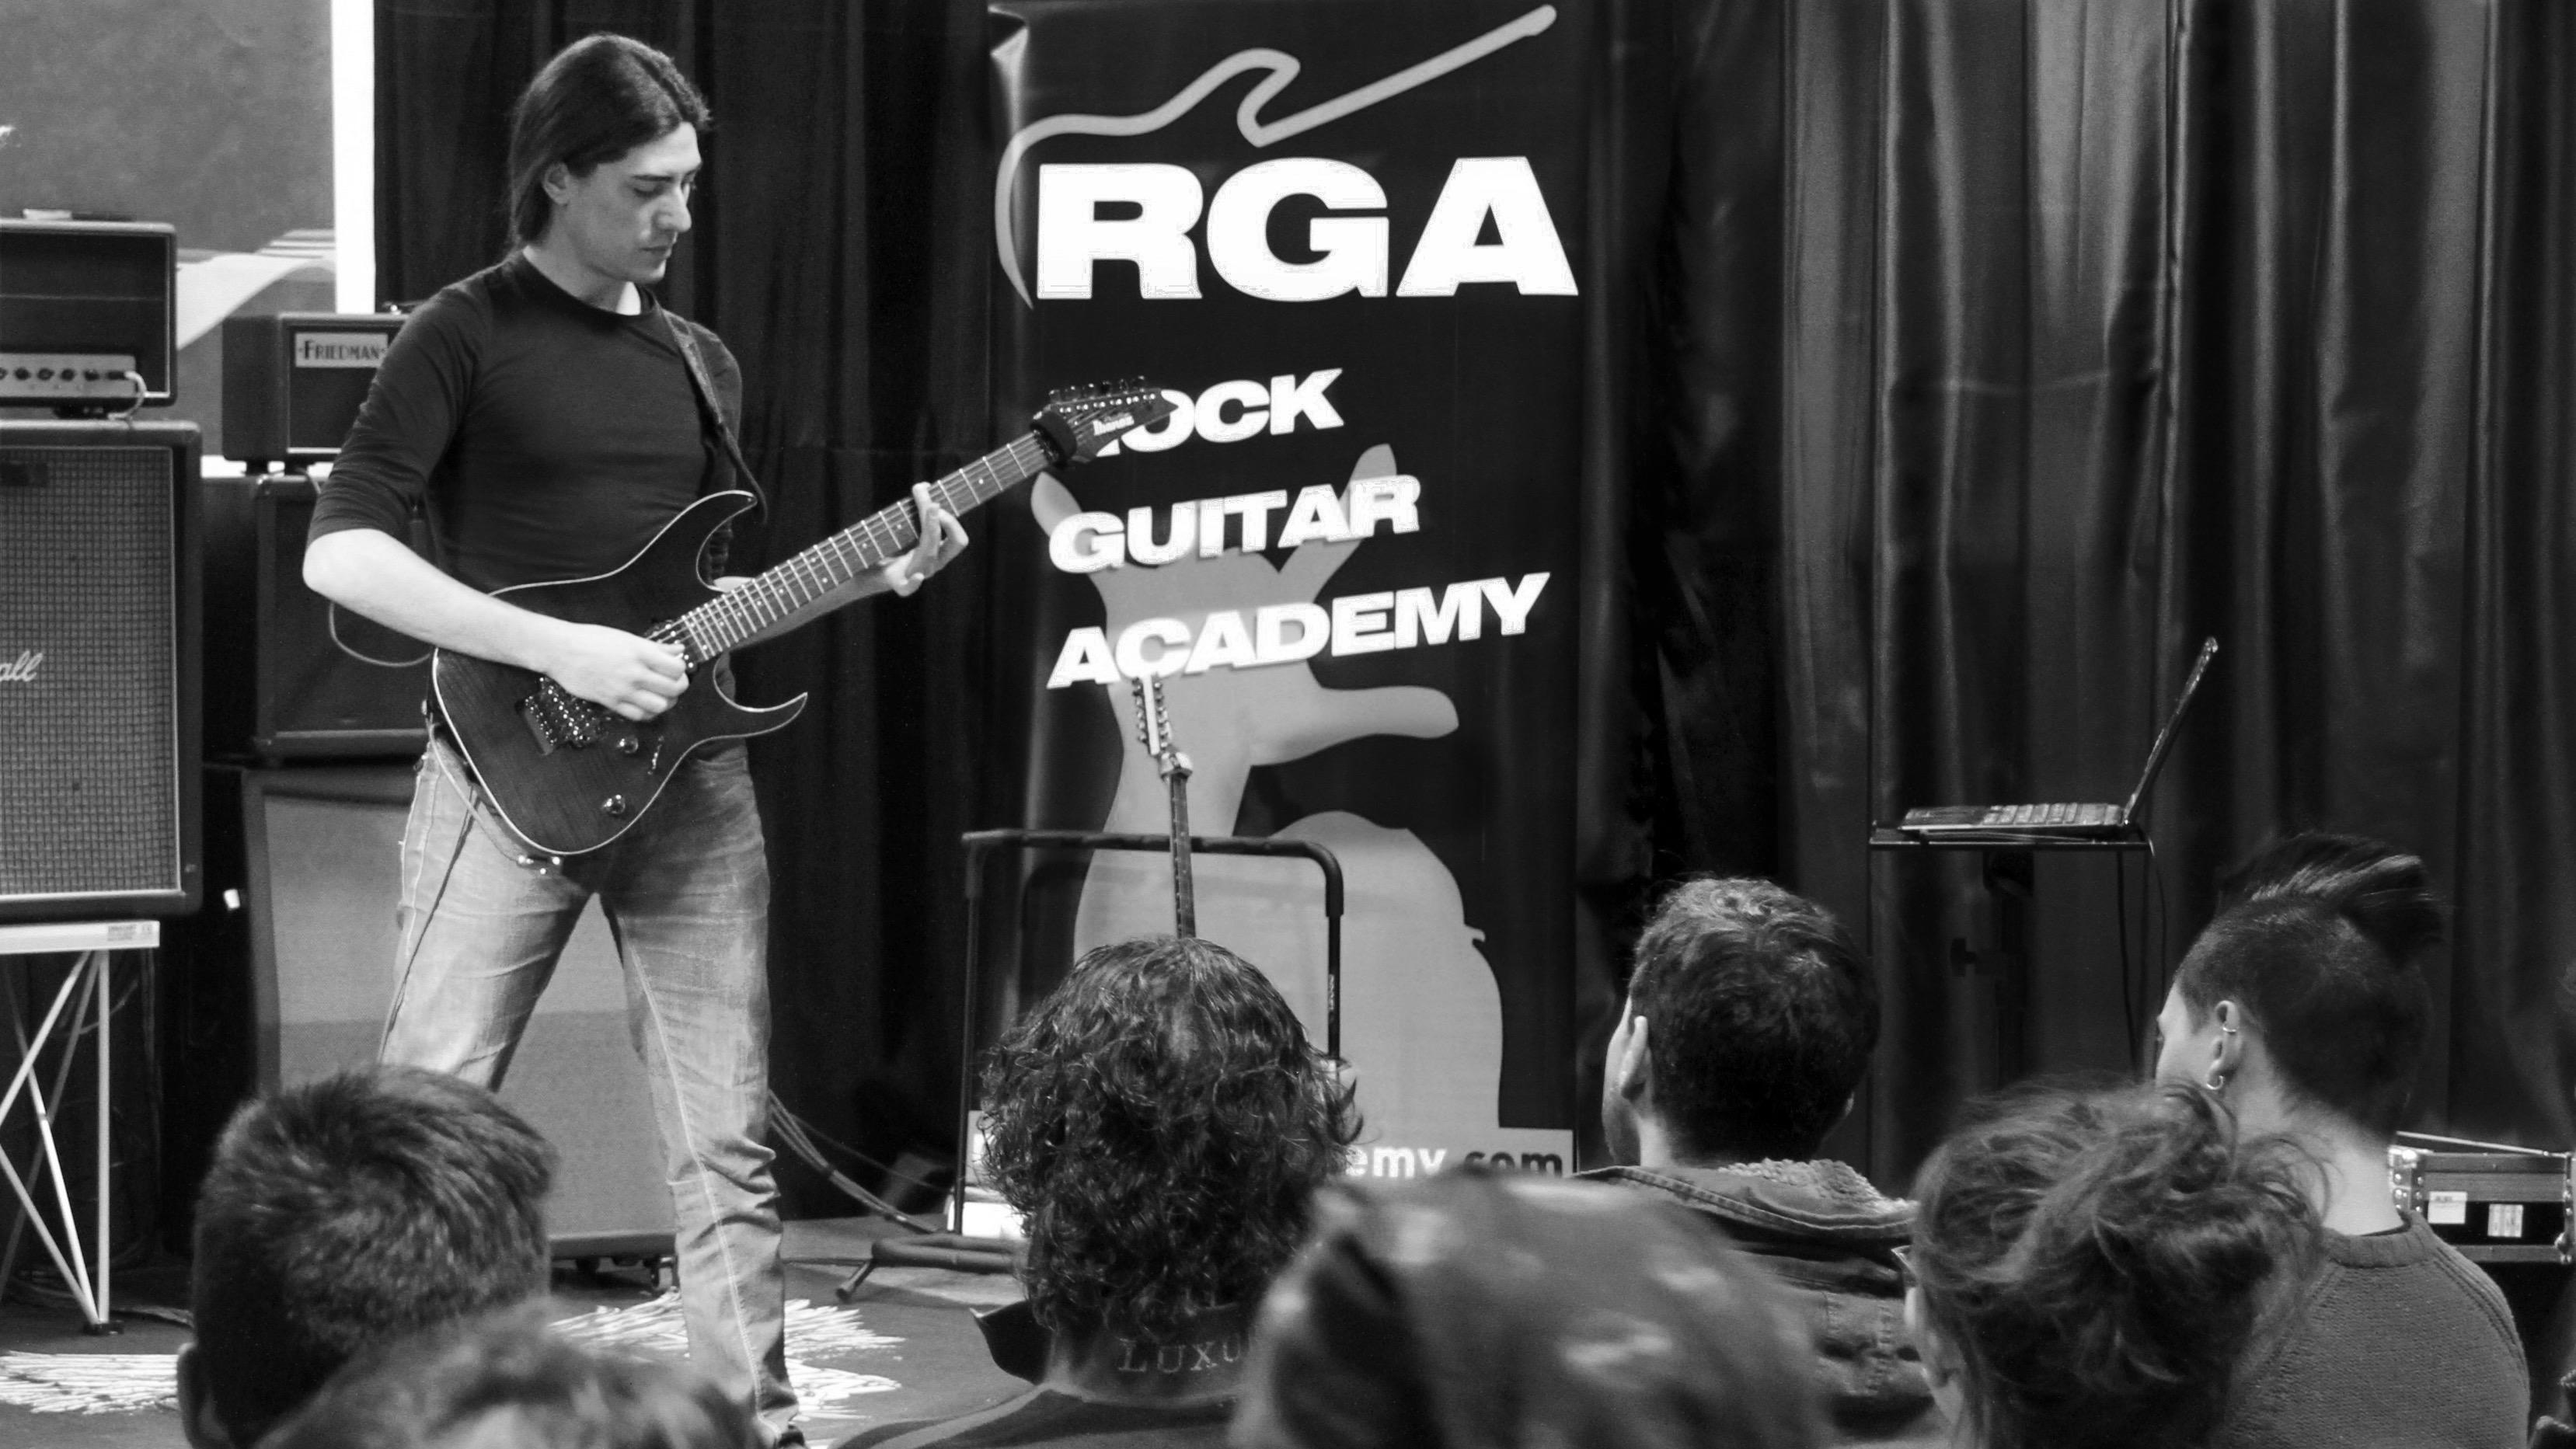 Andrea Filippone - RGA Tour 2017 - Giocondi (S. Benedetto del Tronto - AP)